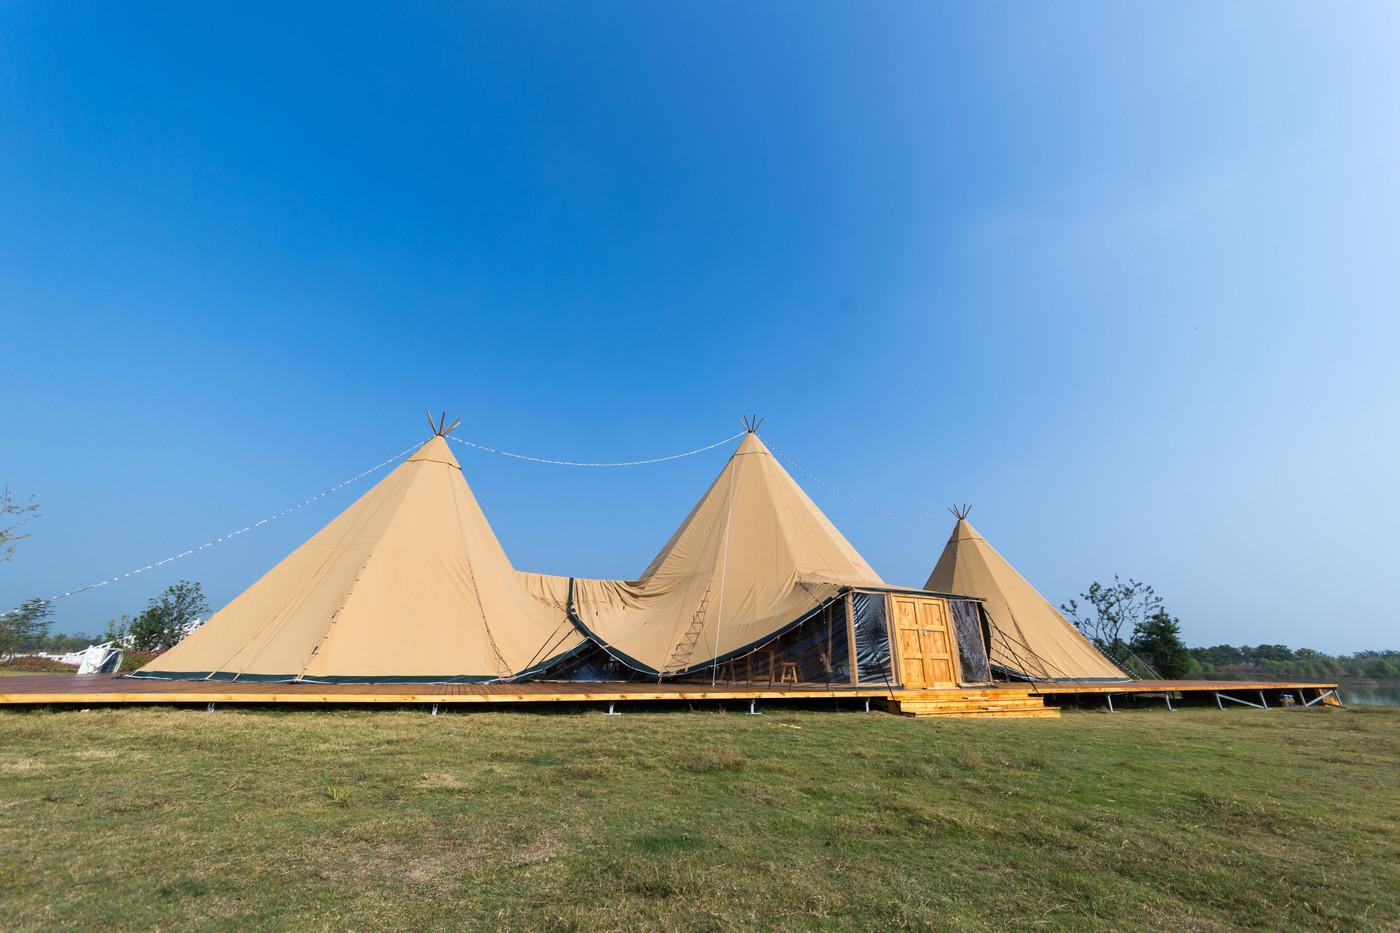 喜马拉雅印第安多功能大厅—淮安白马湖生态旅游度假区1